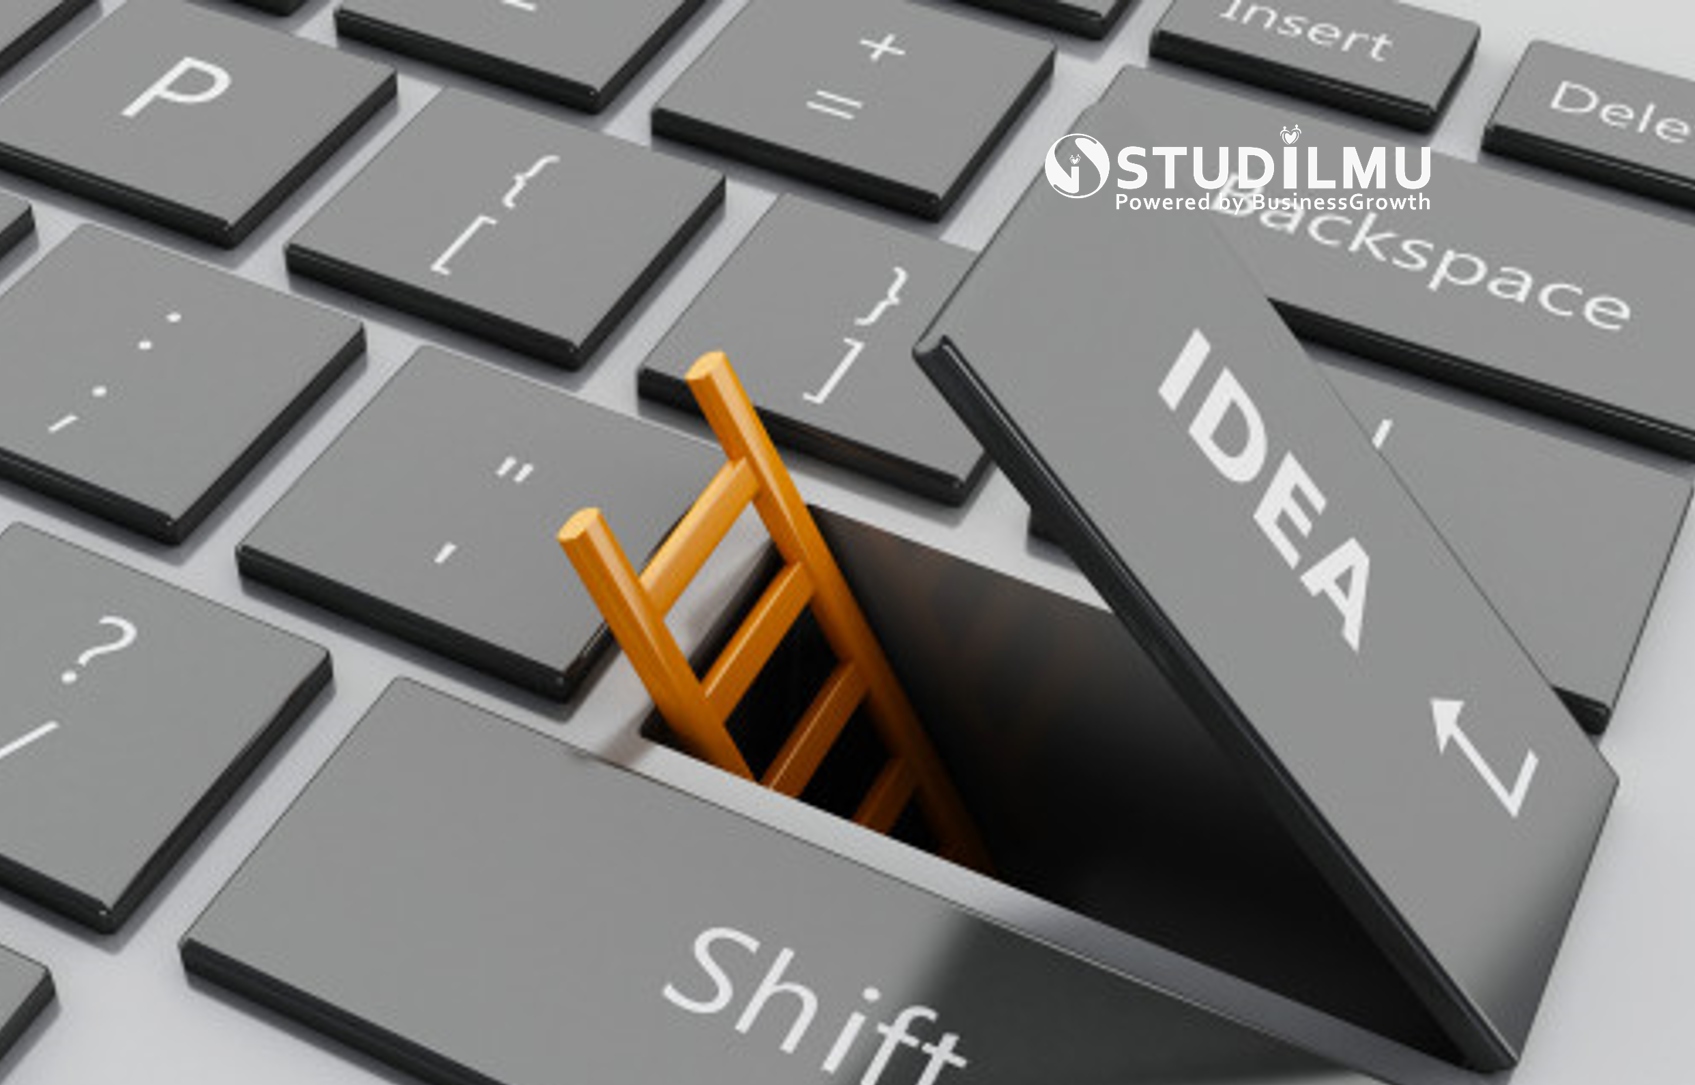 STUDILMU Career Advice - 6 Prinsip Dasar yang Dapat Menciptakan Inovasi dan Kreativitas